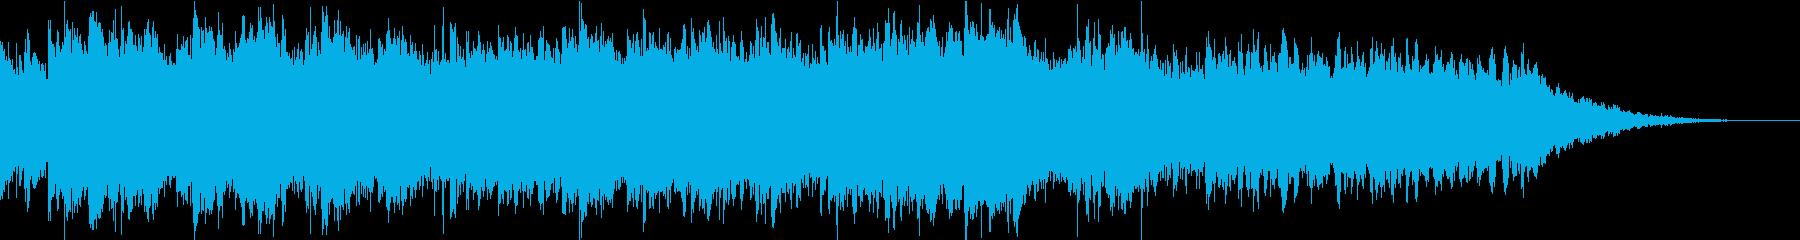 おだやかキラキラ/ジングルの再生済みの波形